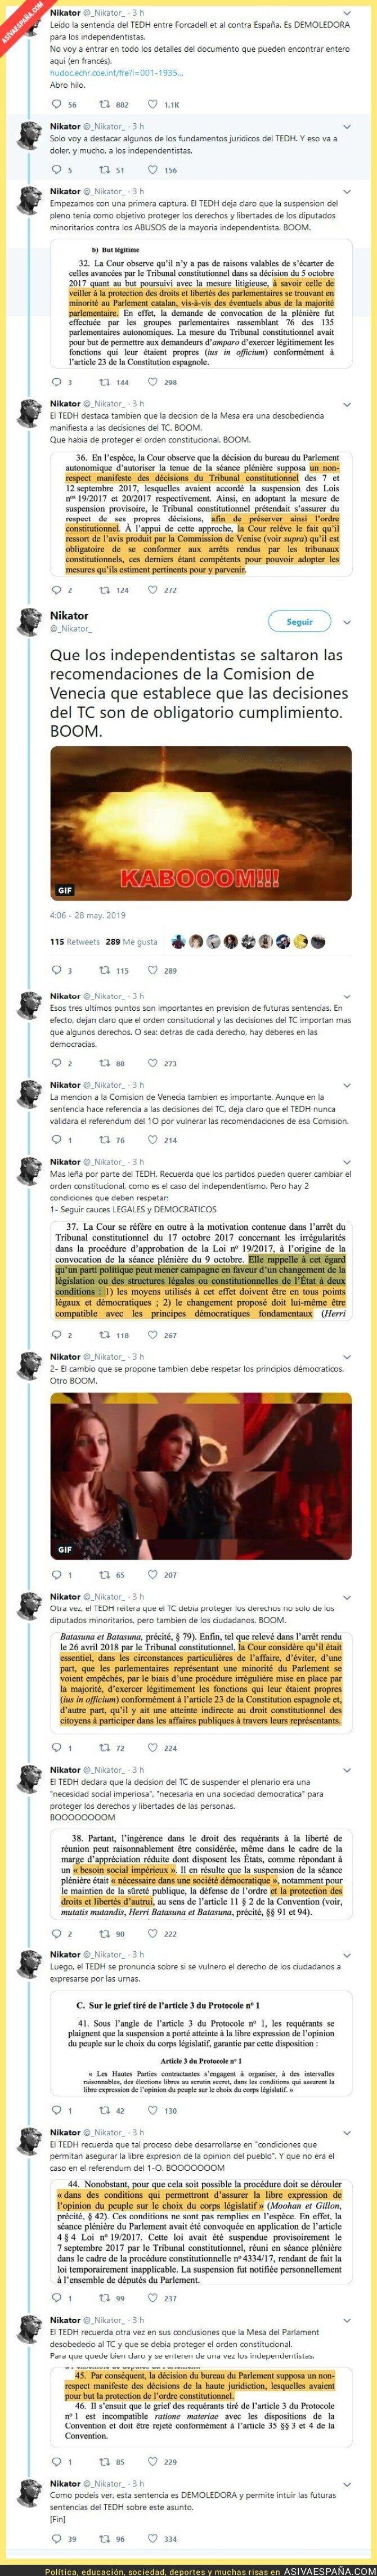 113176 - Resumen de la sentencia de Estrasbugo contra la mesa del Parlament